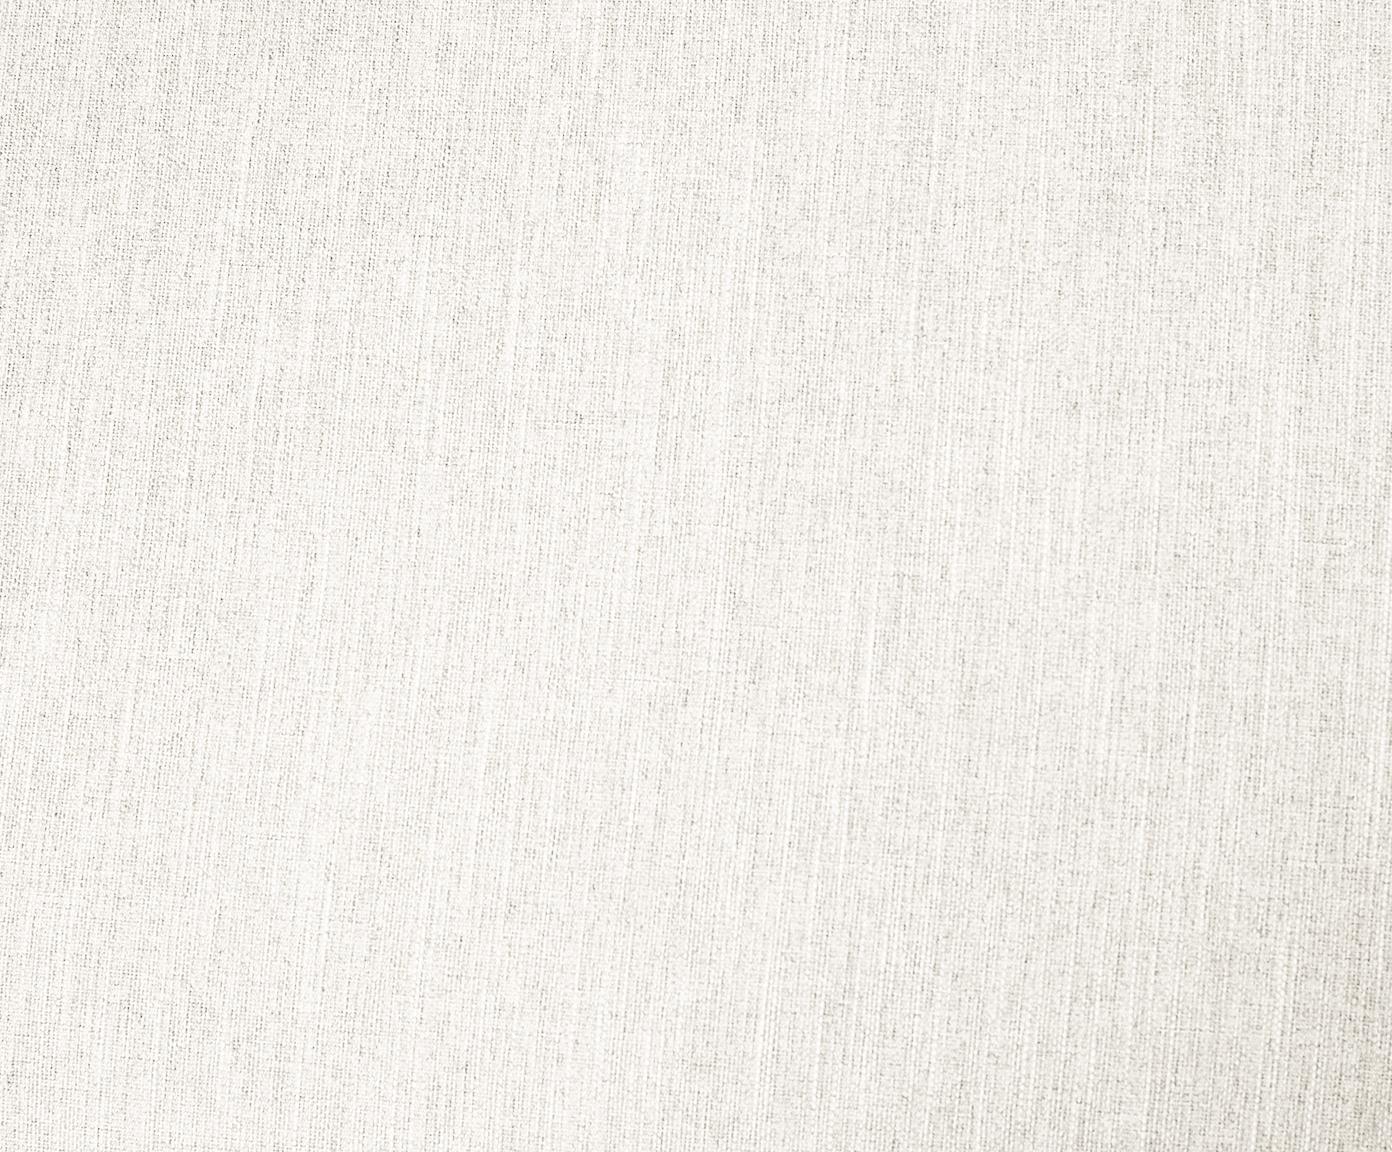 Sofá rinconero Melva (4plazas), Tapizado: poliéster 35.000ciclos e, Estructura: madera de pino maciza, ag, Patas: madera de pino, Tejido beige, An 319 x F 144 cm